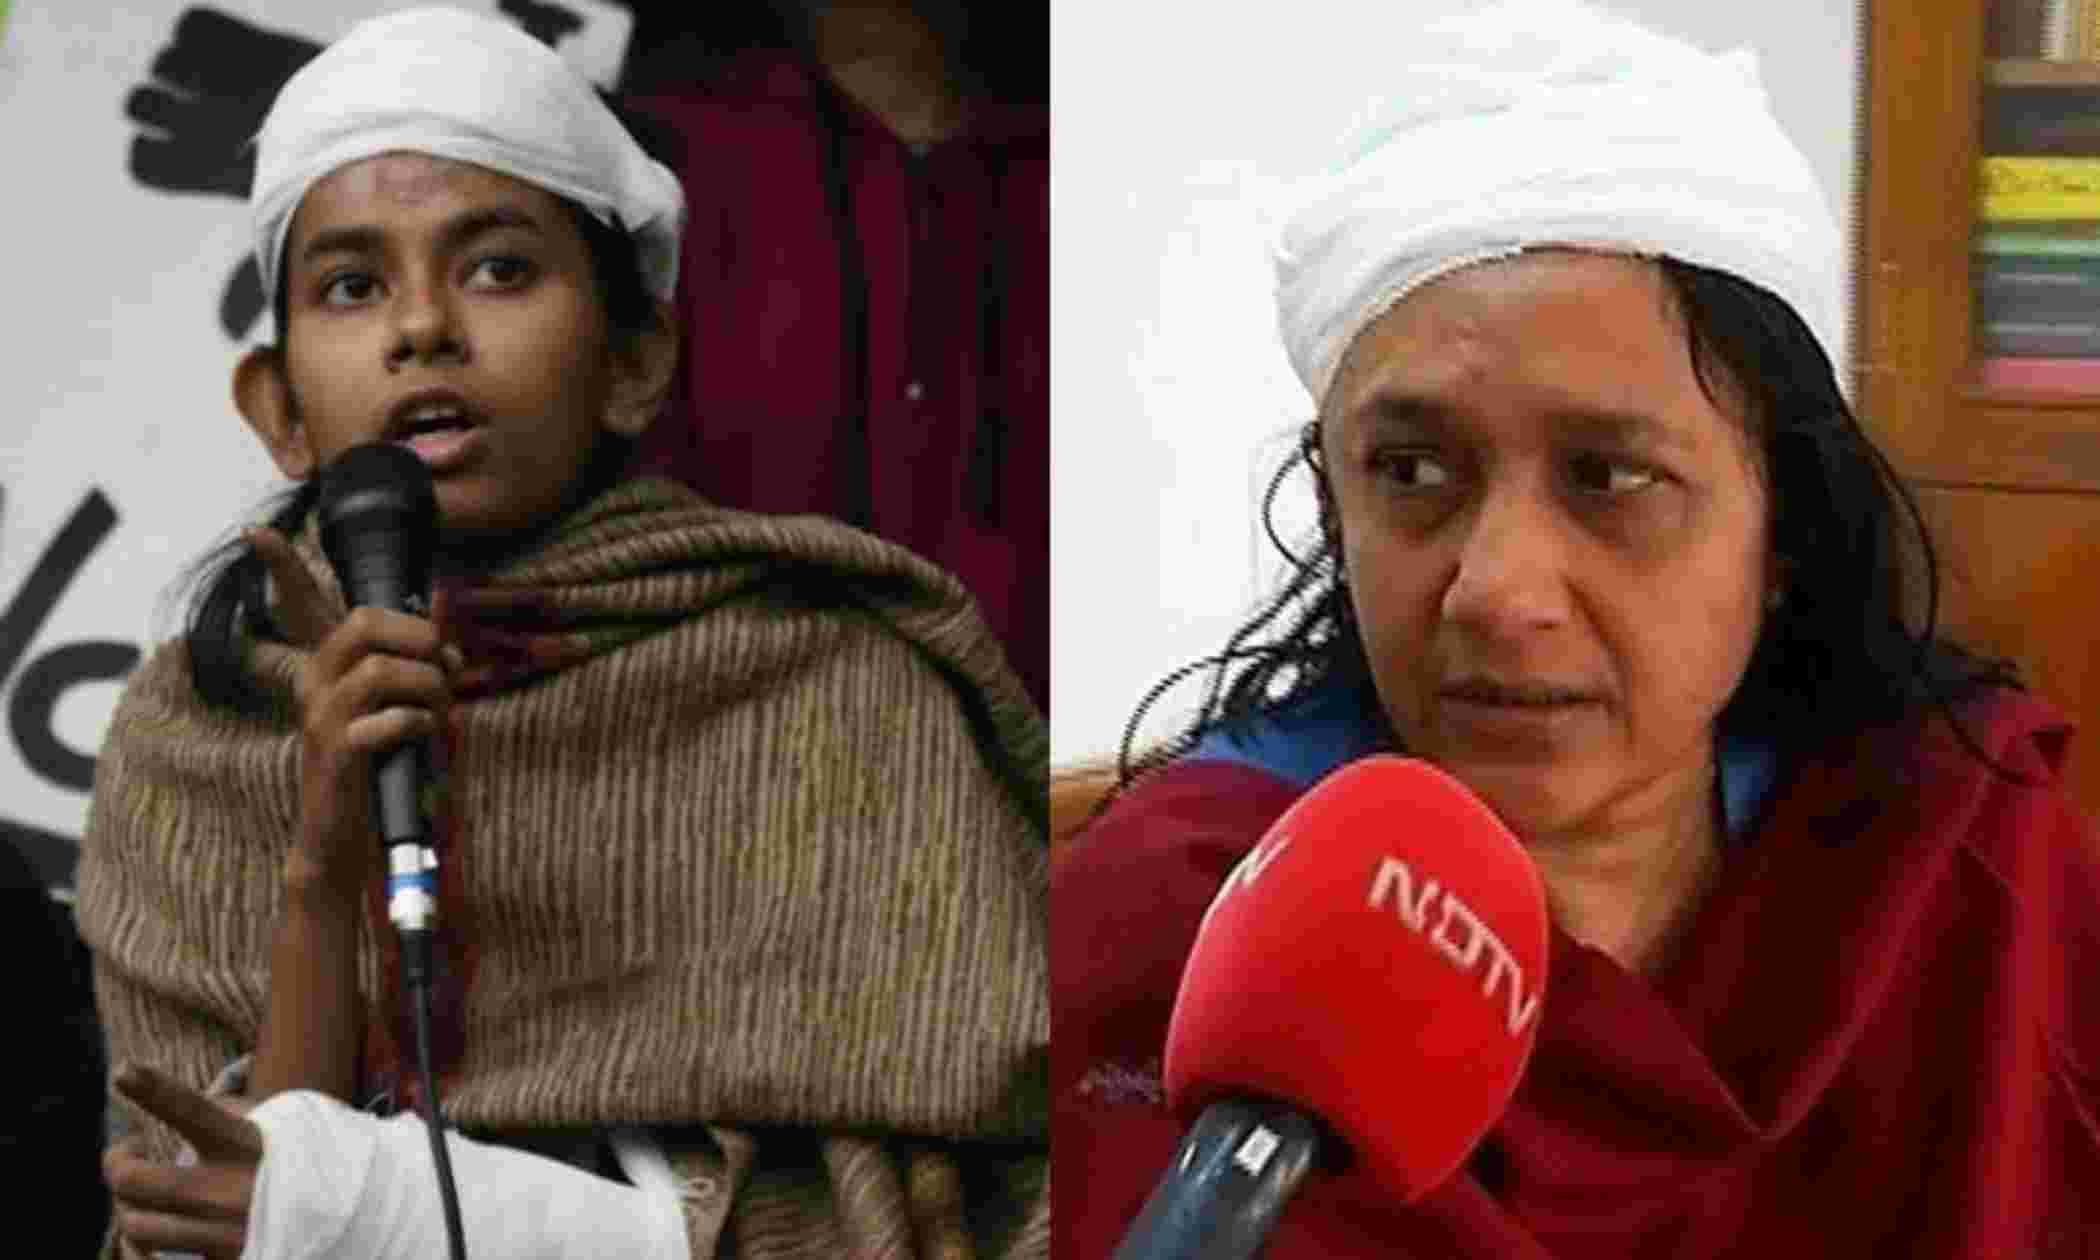 JNU में हिंसा : दिल्ली हाईकोर्ट ने पुलिस,  व्हाट्सएप, गूगल और फेसबुक को नोटिस जारी कर जवाब मांगा